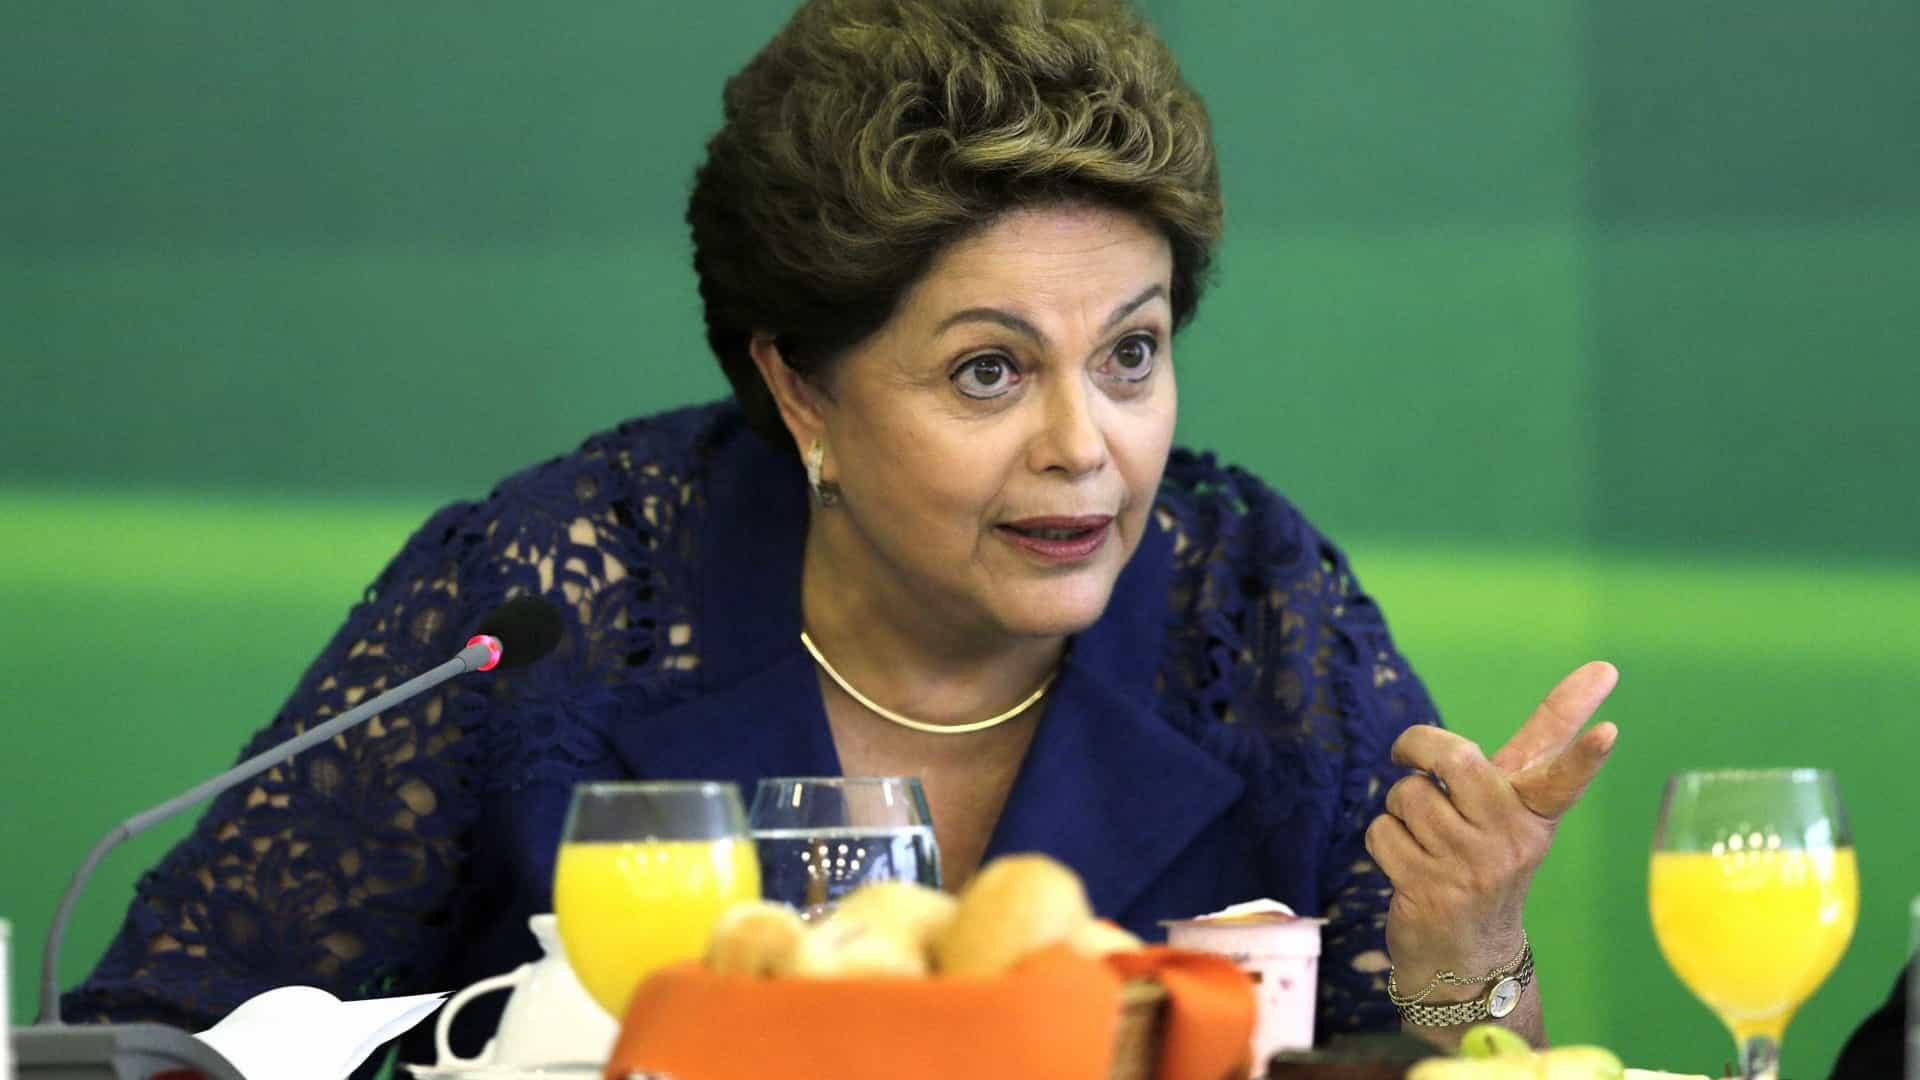 naom 5bb28c12caf70 - 'Lutaremos por reconstrução do Brasil', afirma Dilma em evento de 1º de maio